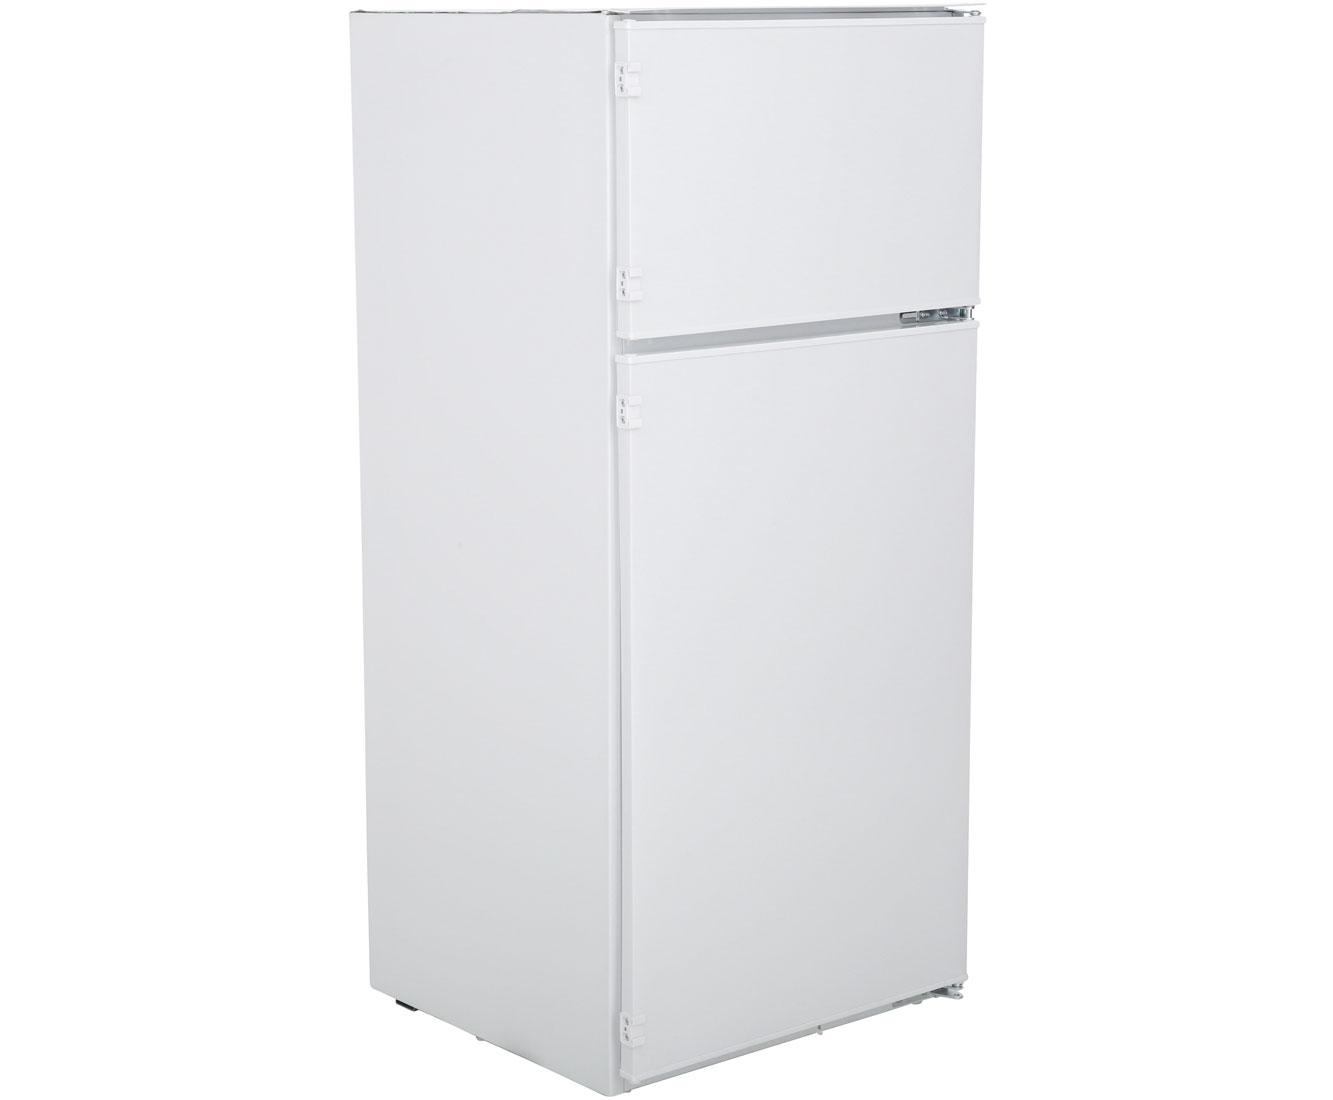 Amica Kühlschrank Gebrauchsanweisung : Amica ekgc einbau kühl gefrierkombination er nische